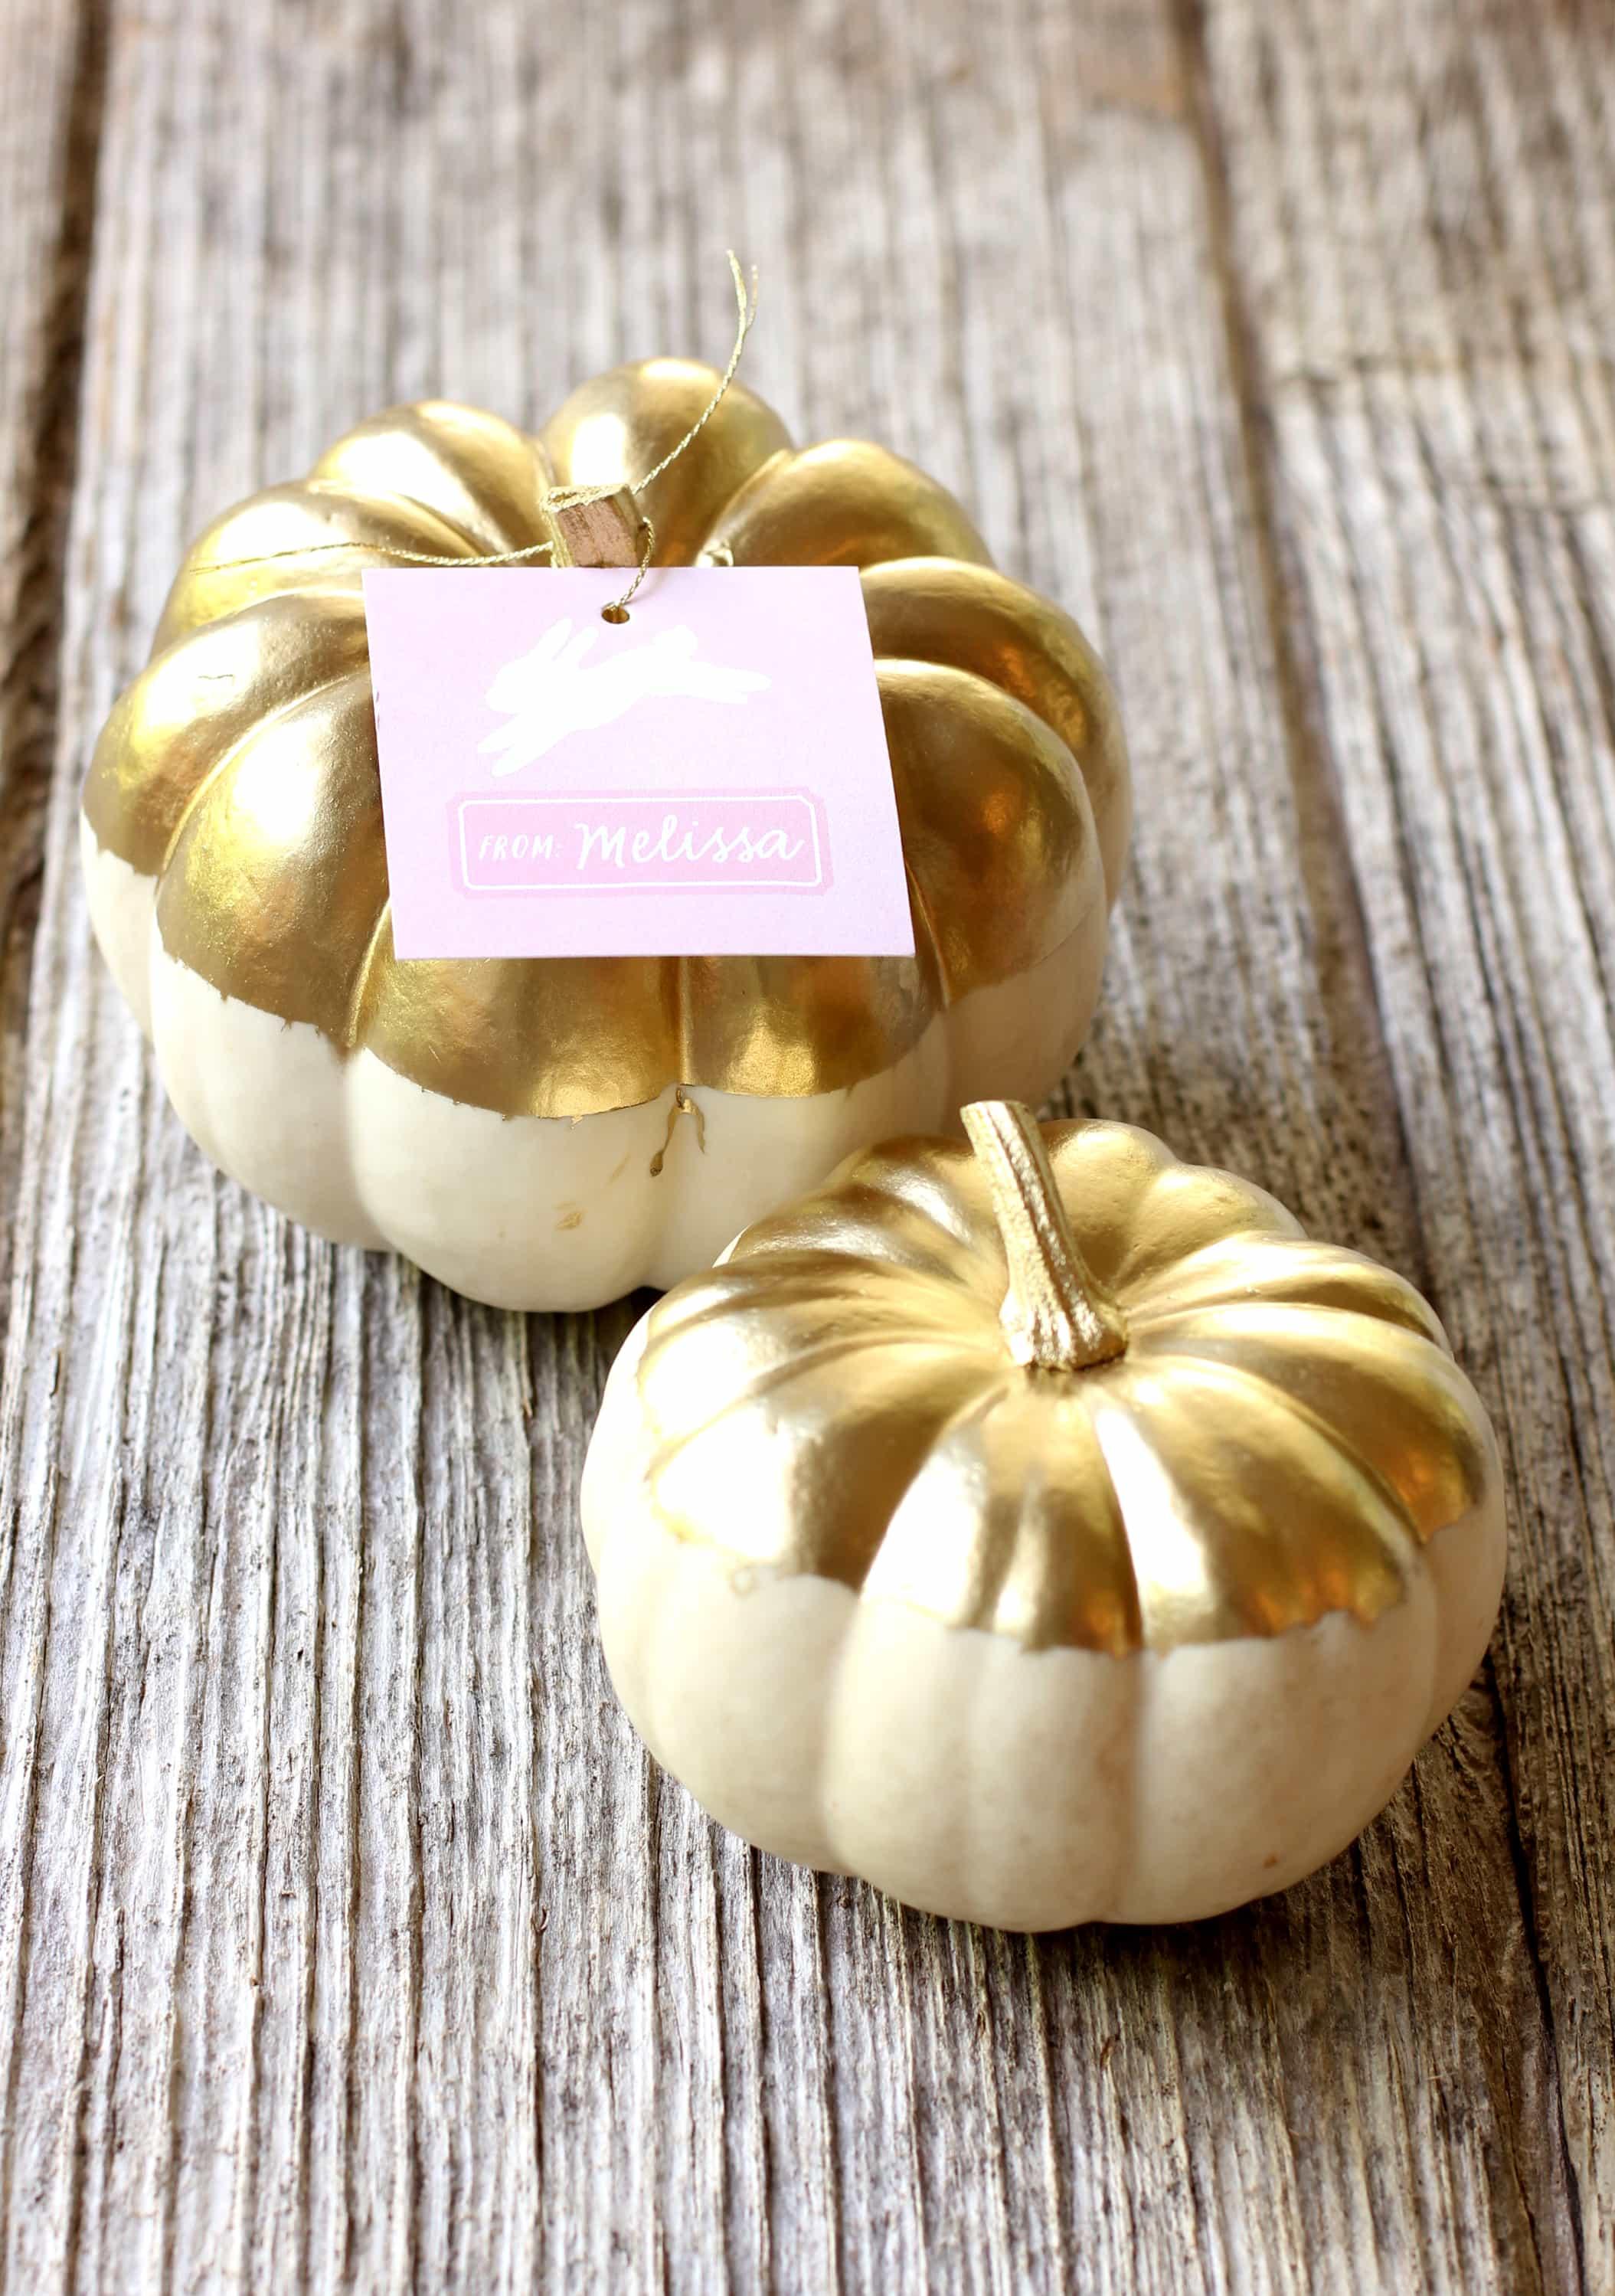 Pumpkins Fall Wallpaper Diy Gold Metallic Pumpkin Party Favor Tutorial Best